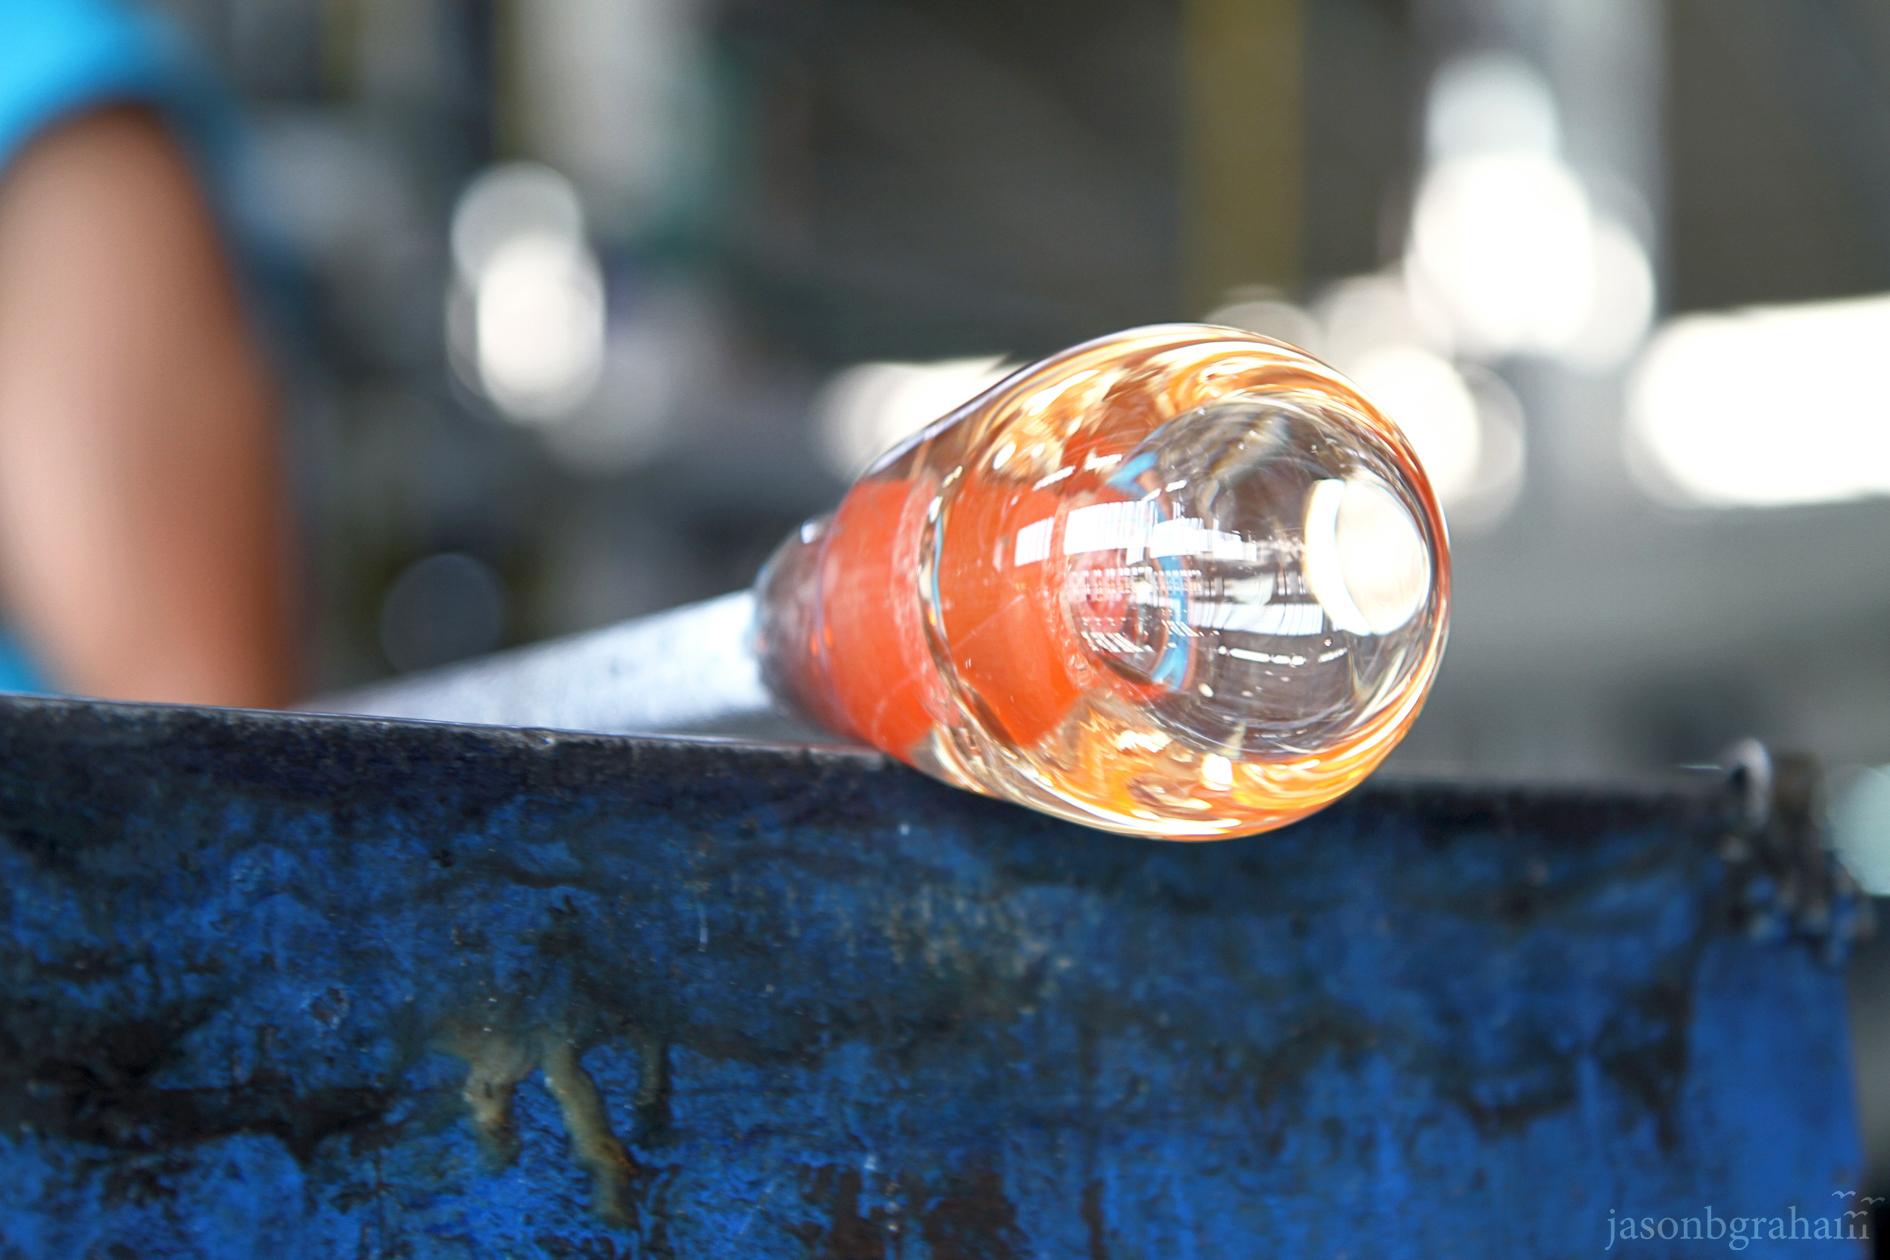 mouthblown-glass-2352